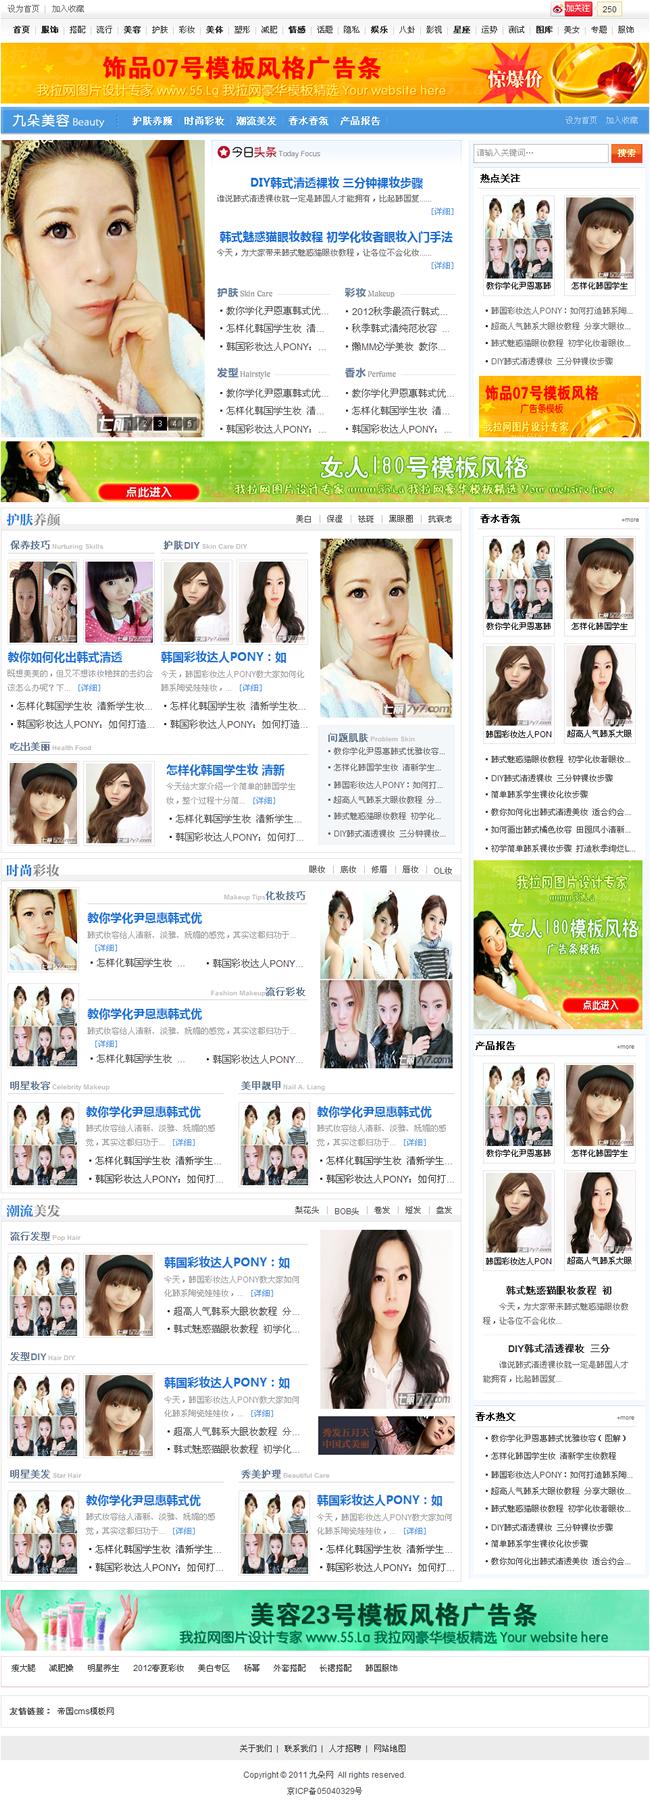 帝国cms大型女性女人门户网站程序源码模板_美容频道